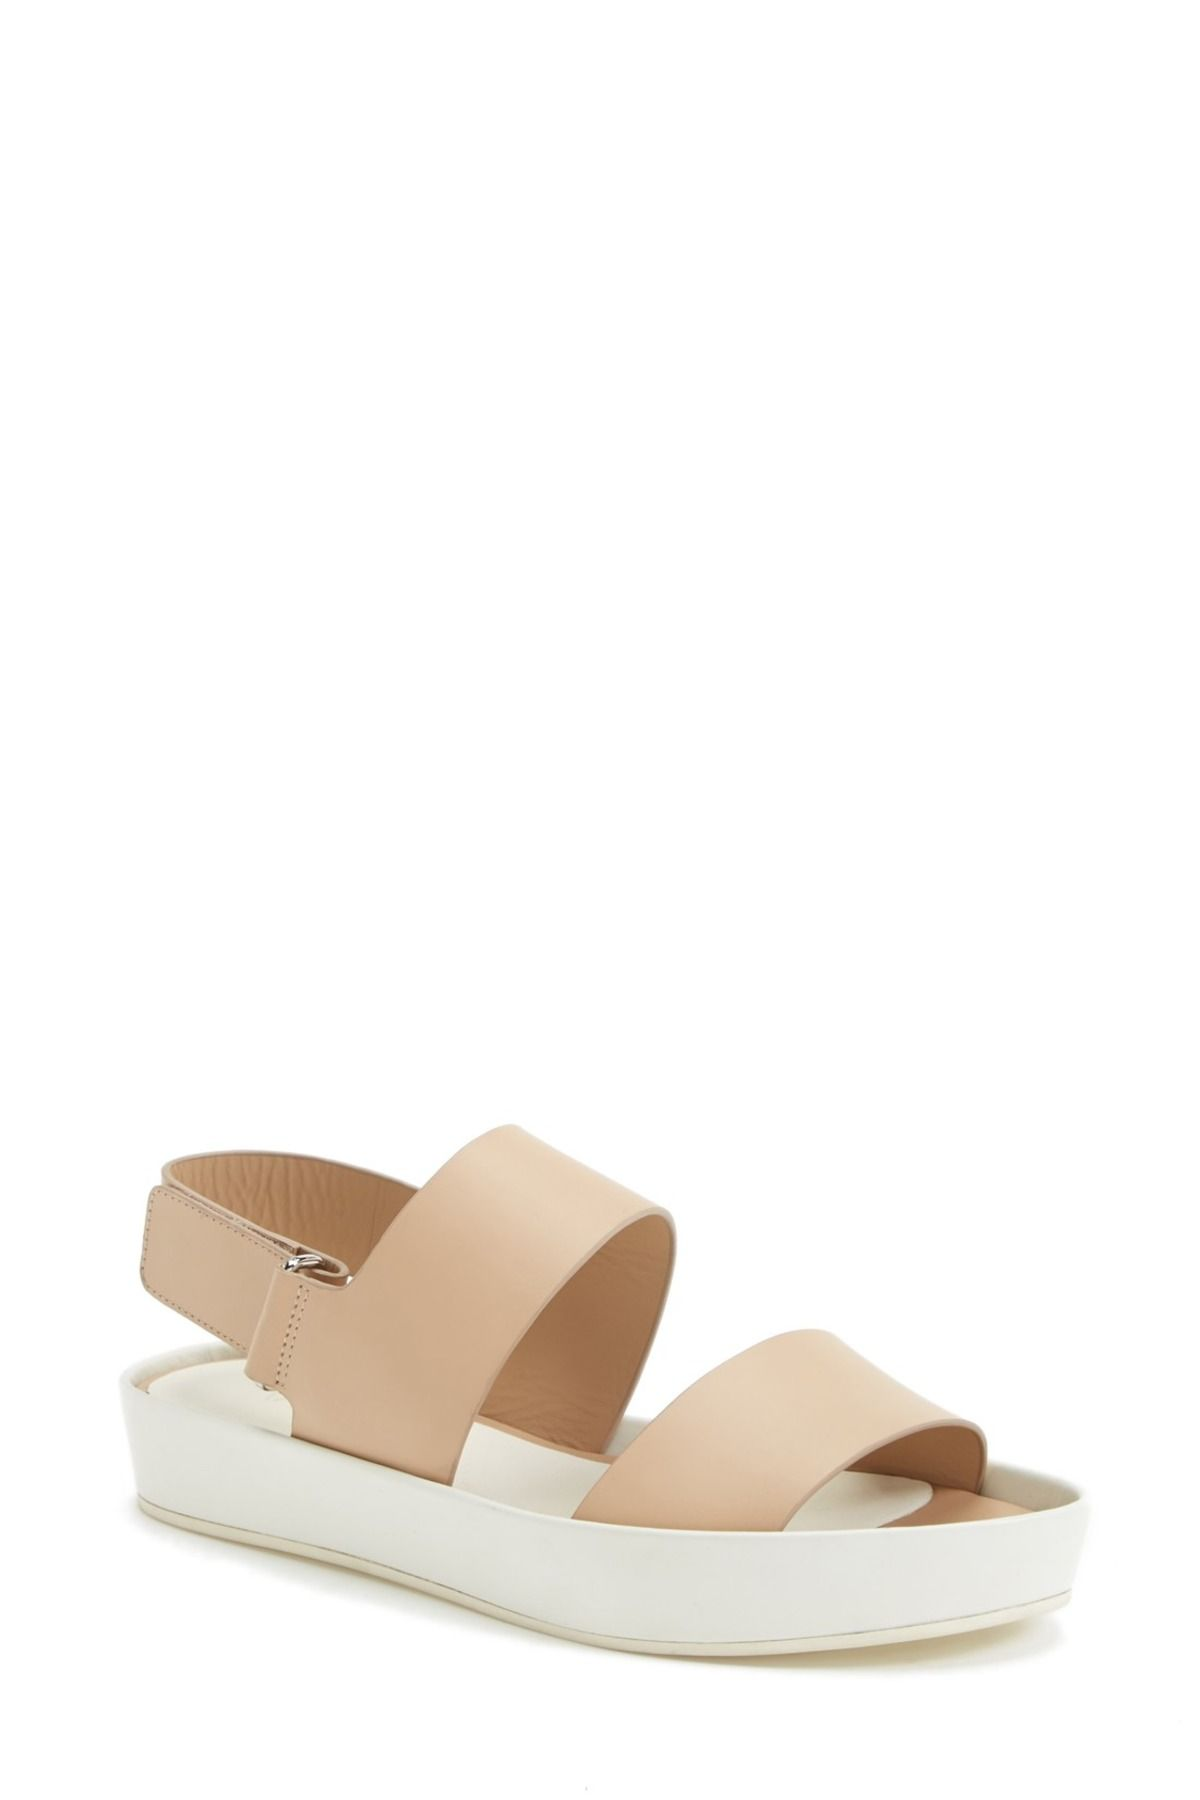 b2d9da4cd1a Marett Platform Sandal